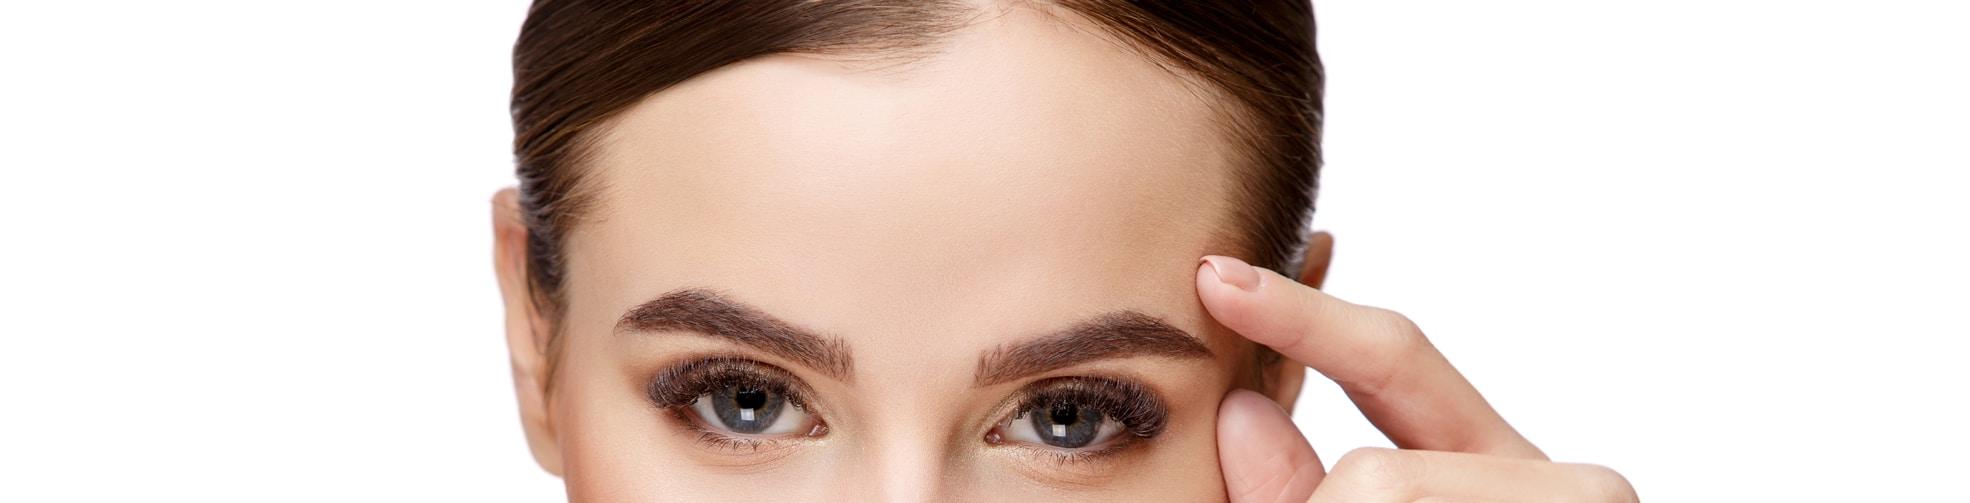 female forehead